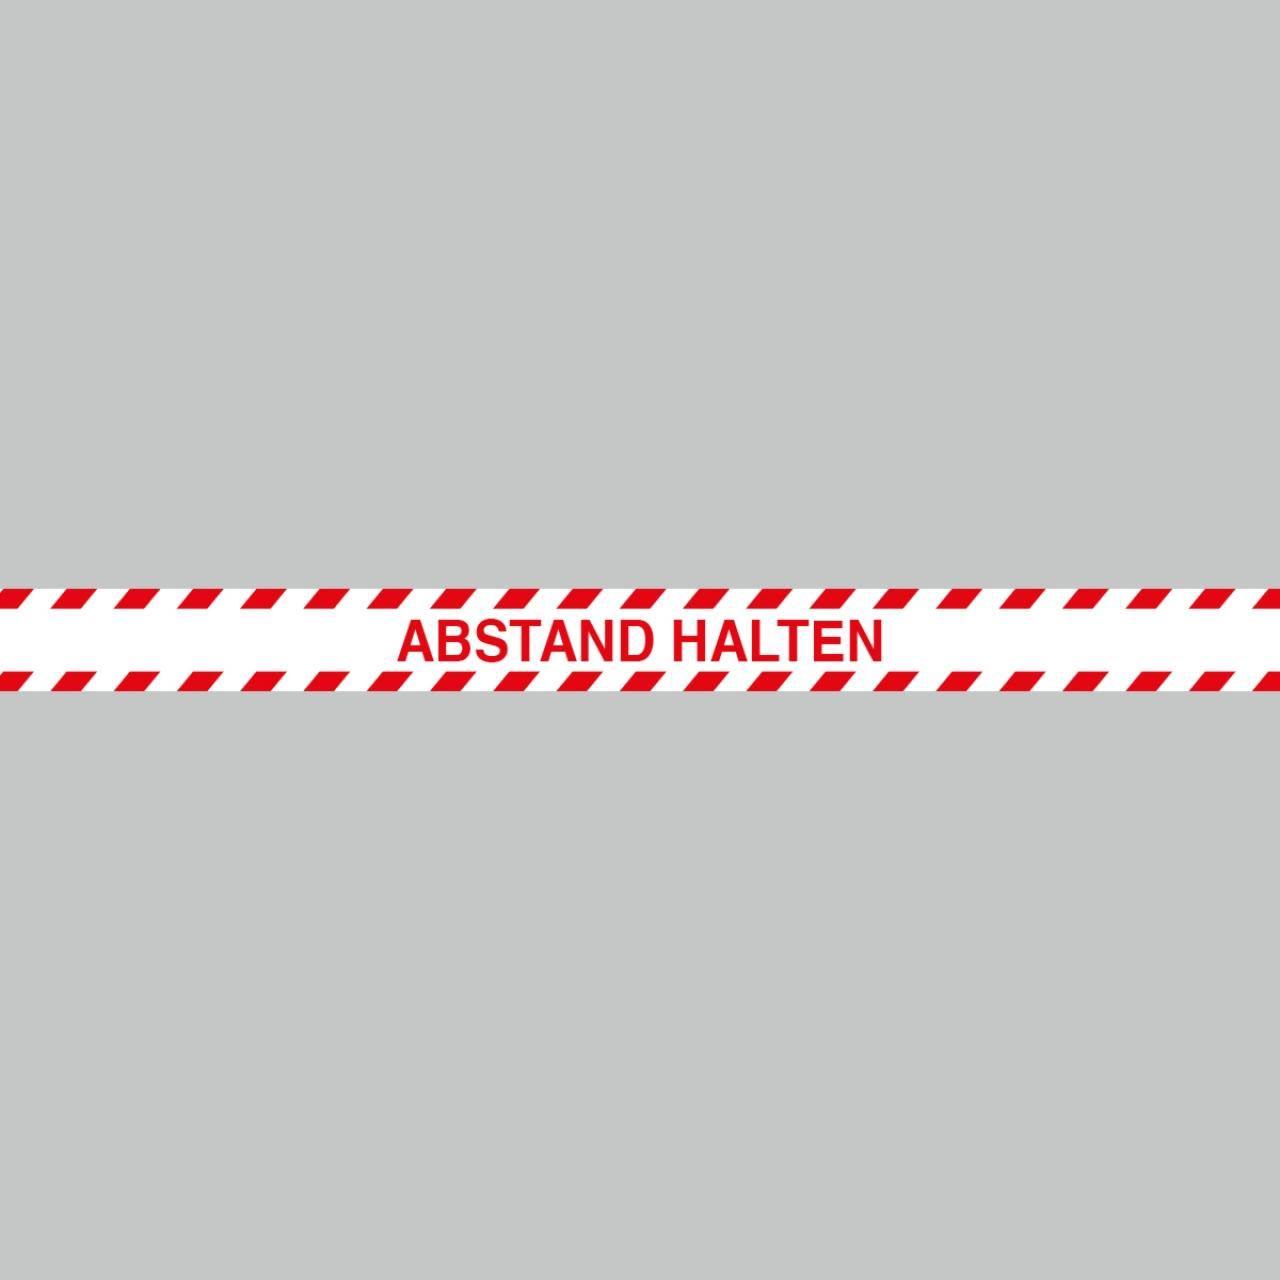 Fußbodenaufkleber rot-weiß, Streifen, 120x9,6cm – Abstand halten